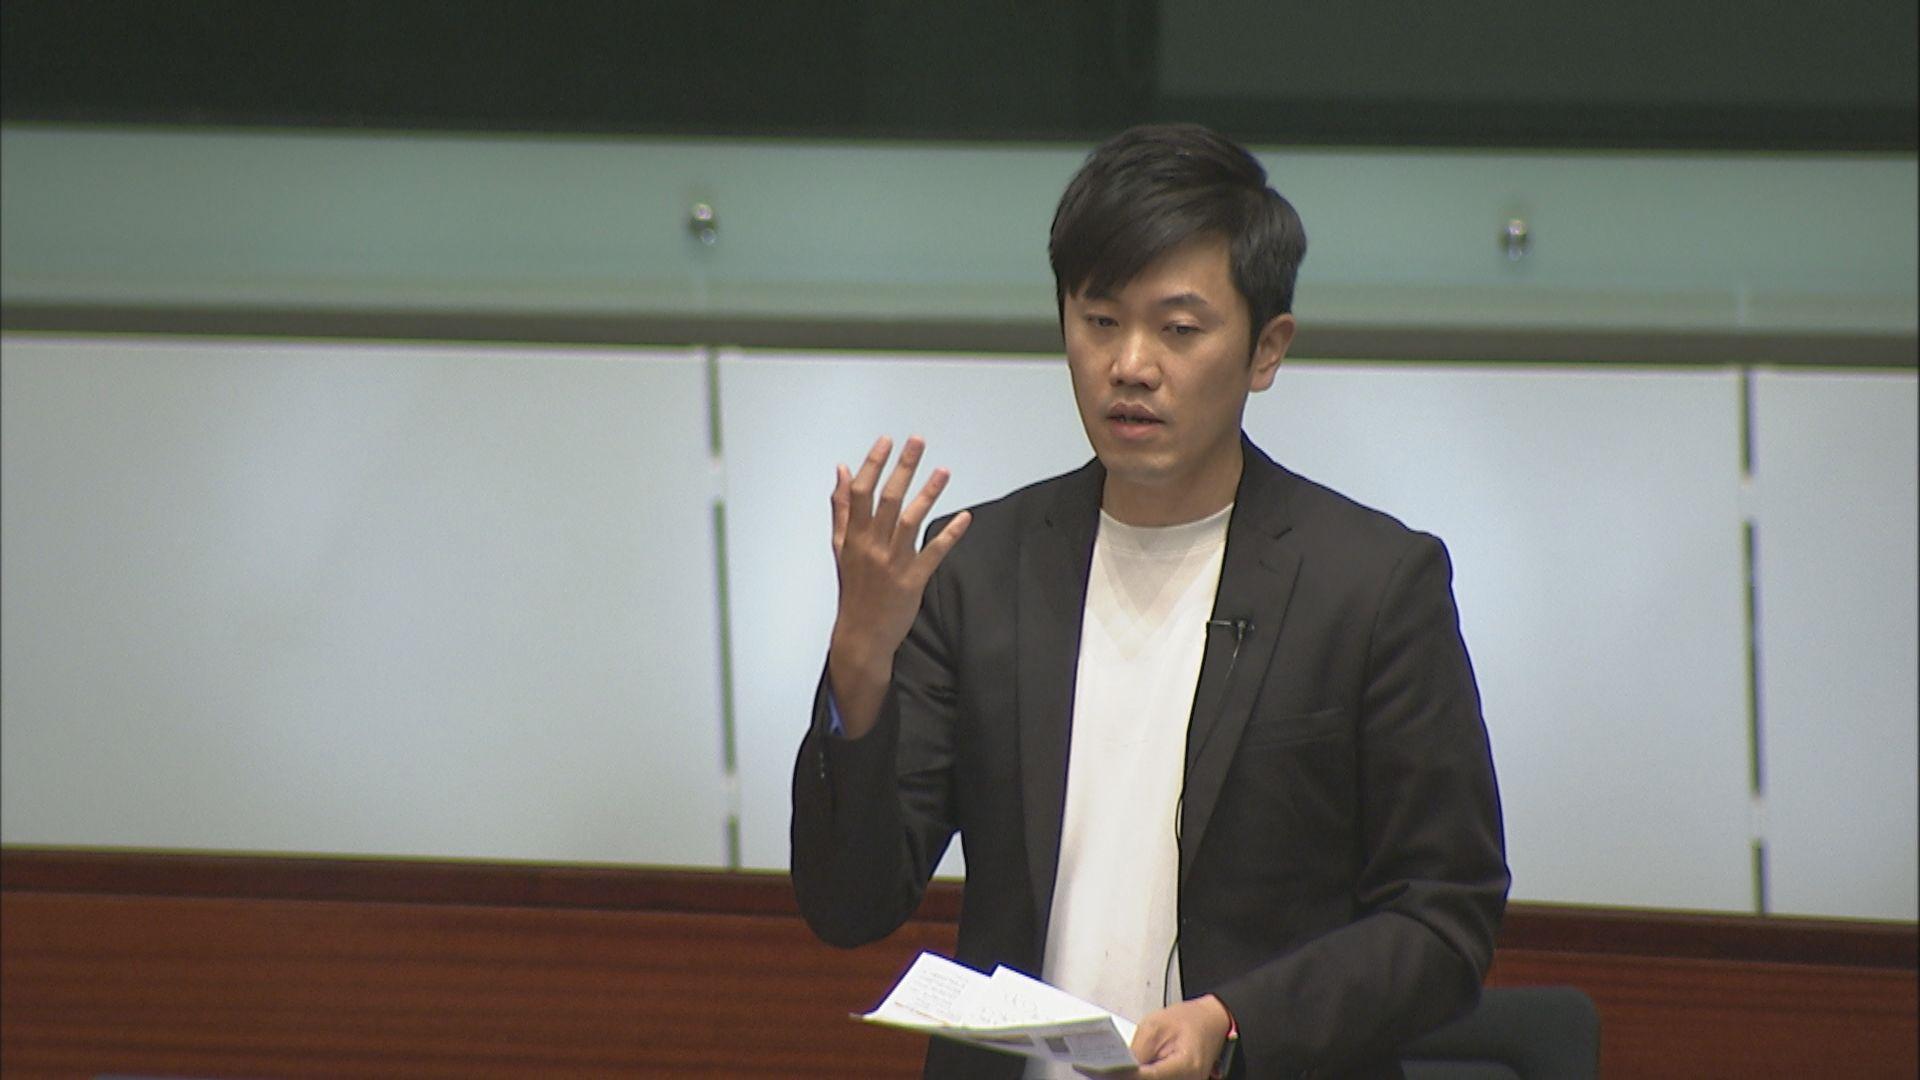 立法會通過區議員宣誓修例 鄭松泰一票反對